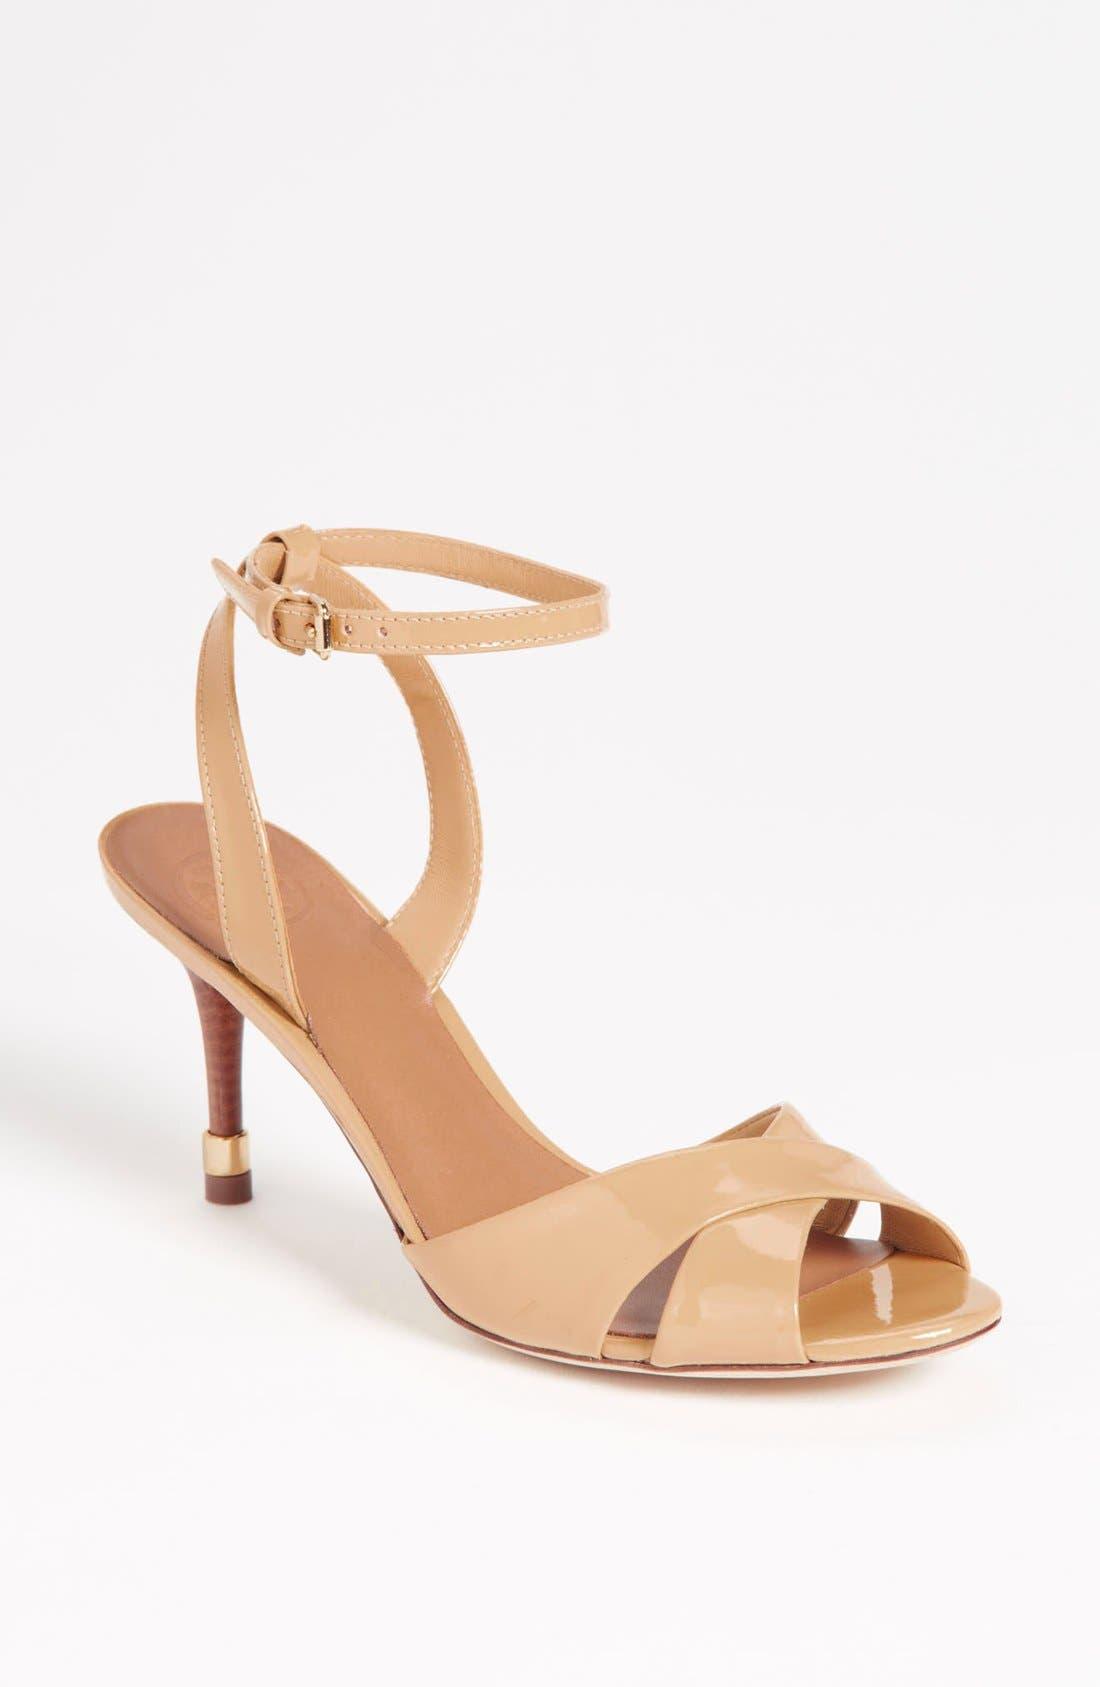 Alternate Image 1 Selected - Tory Burch 'Tania' Sandal